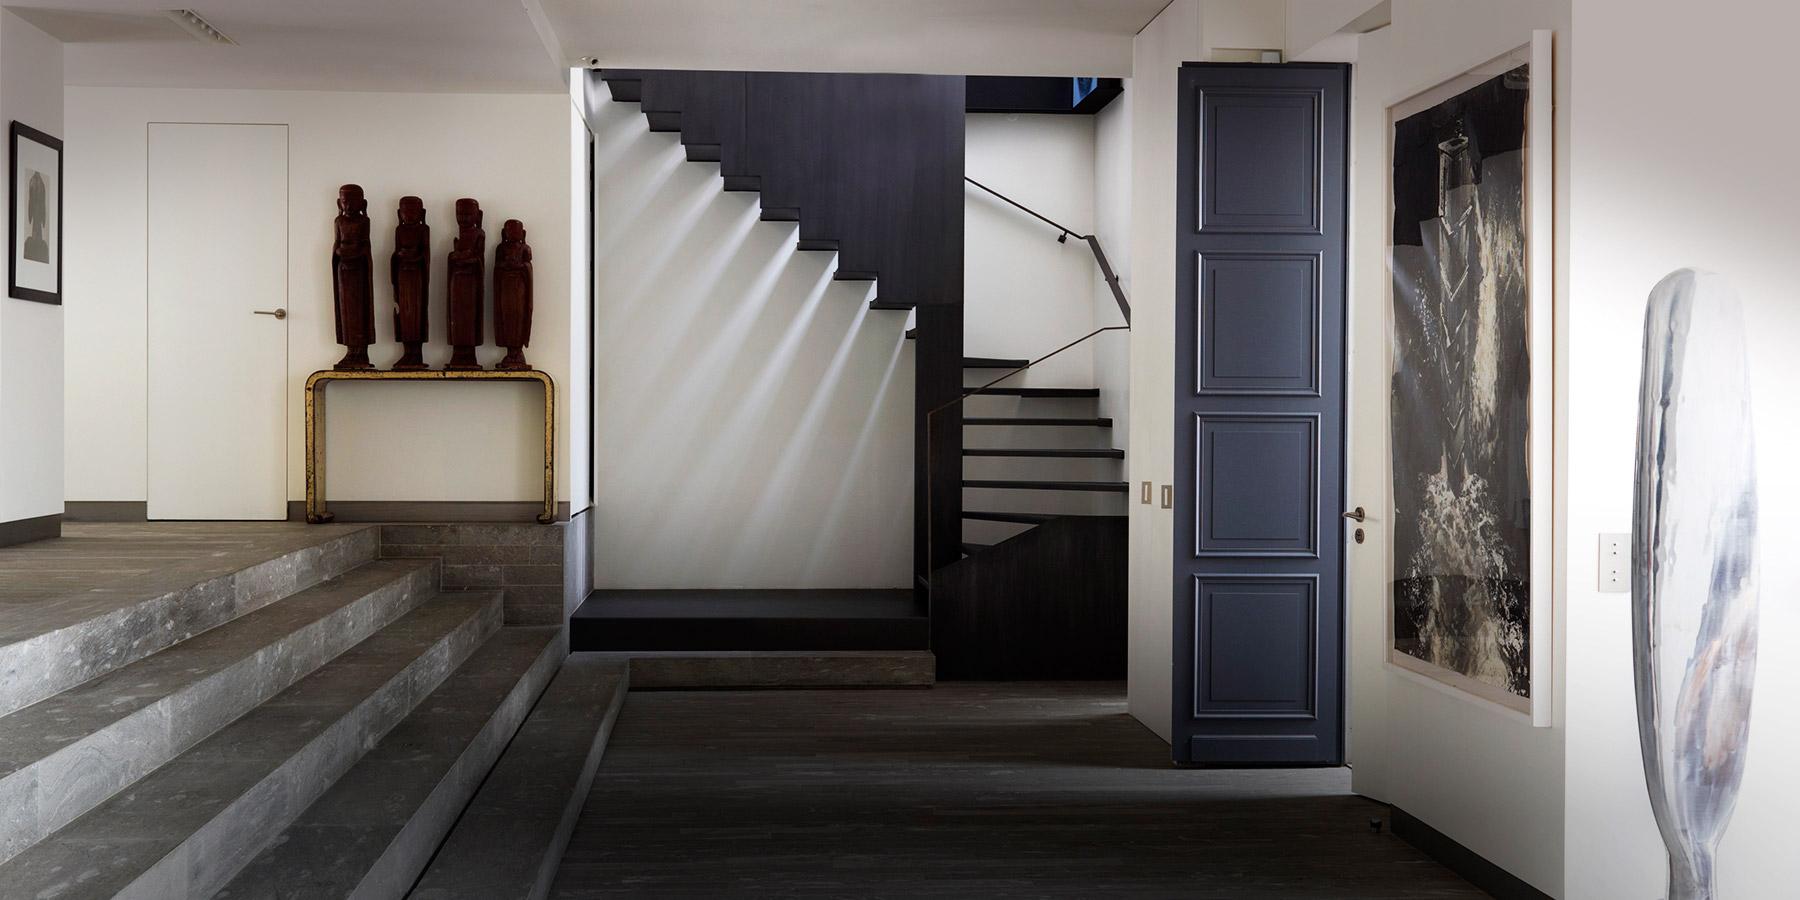 Dipingere Le Porte Di Casa come scegliere le porte interne? i più eleganti esempi di design